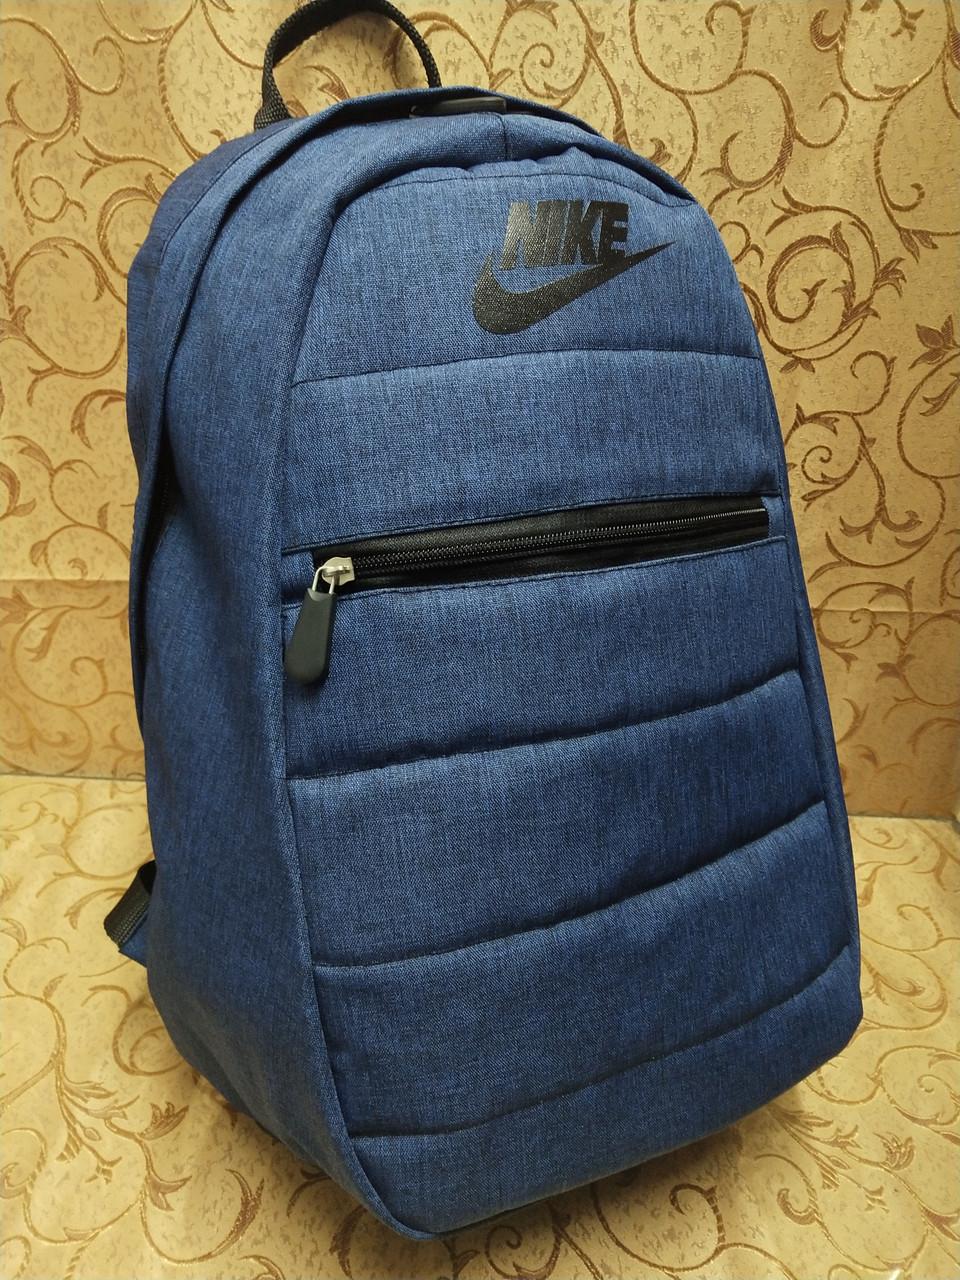 Рюкзак NIKE мессенджер 300D спорт спортивный городской стильный Школьный рюкзак только опт